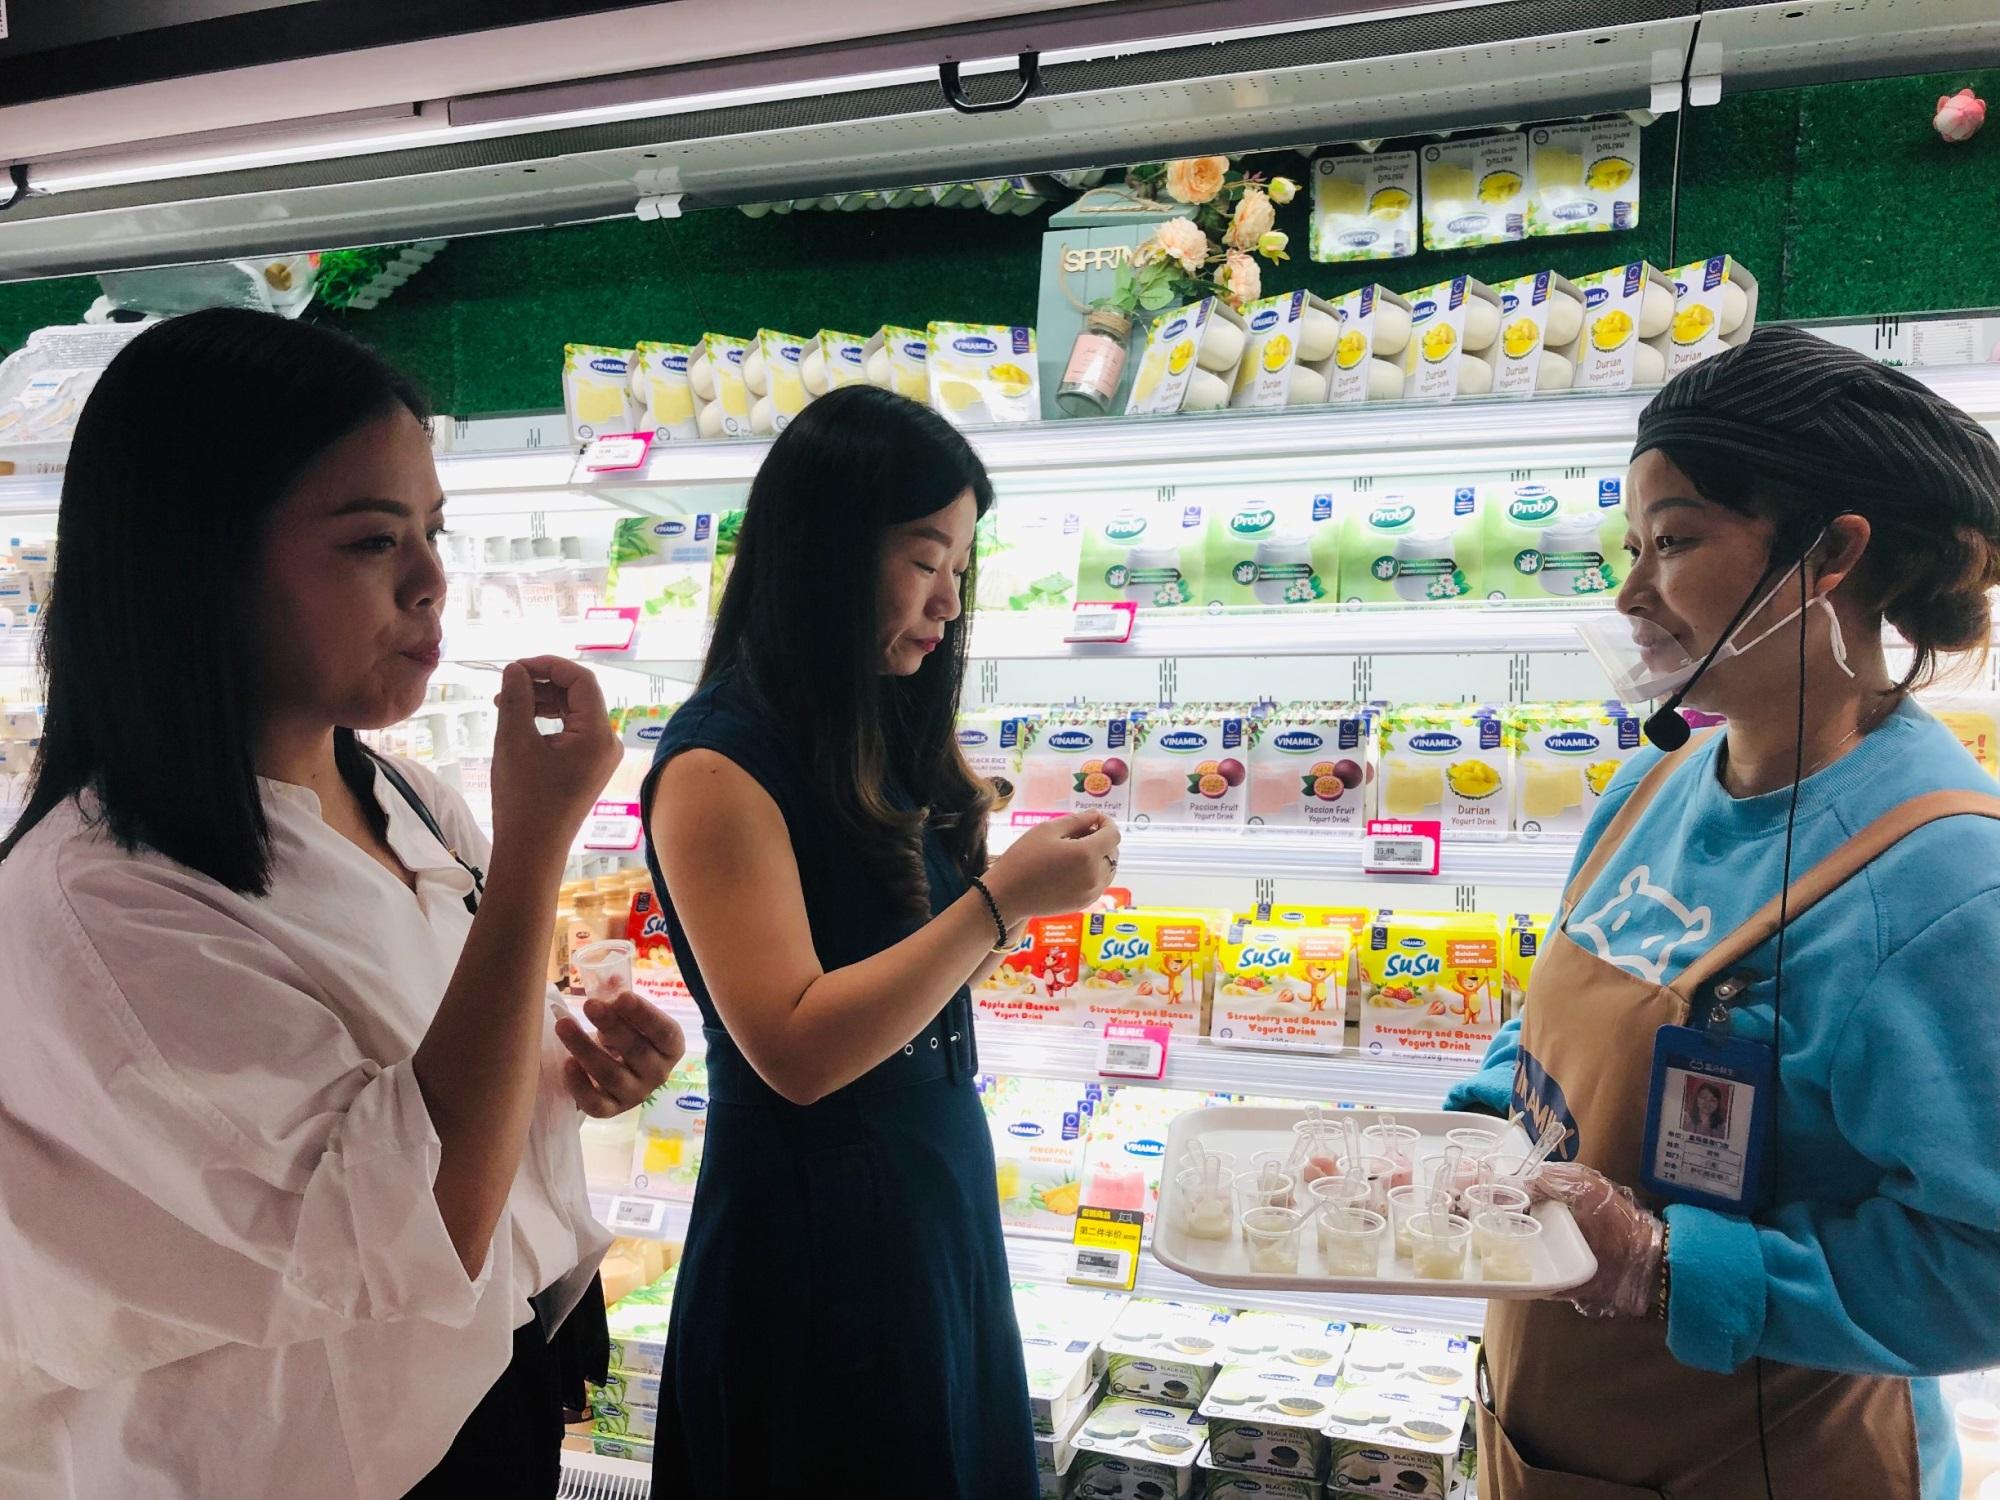 Giới thiệu sản phẩm Vinamilk tại Trung Quốc, ngành sữa Việt Nam tự tin mang chuông đi đánh xứ người - Ảnh 8